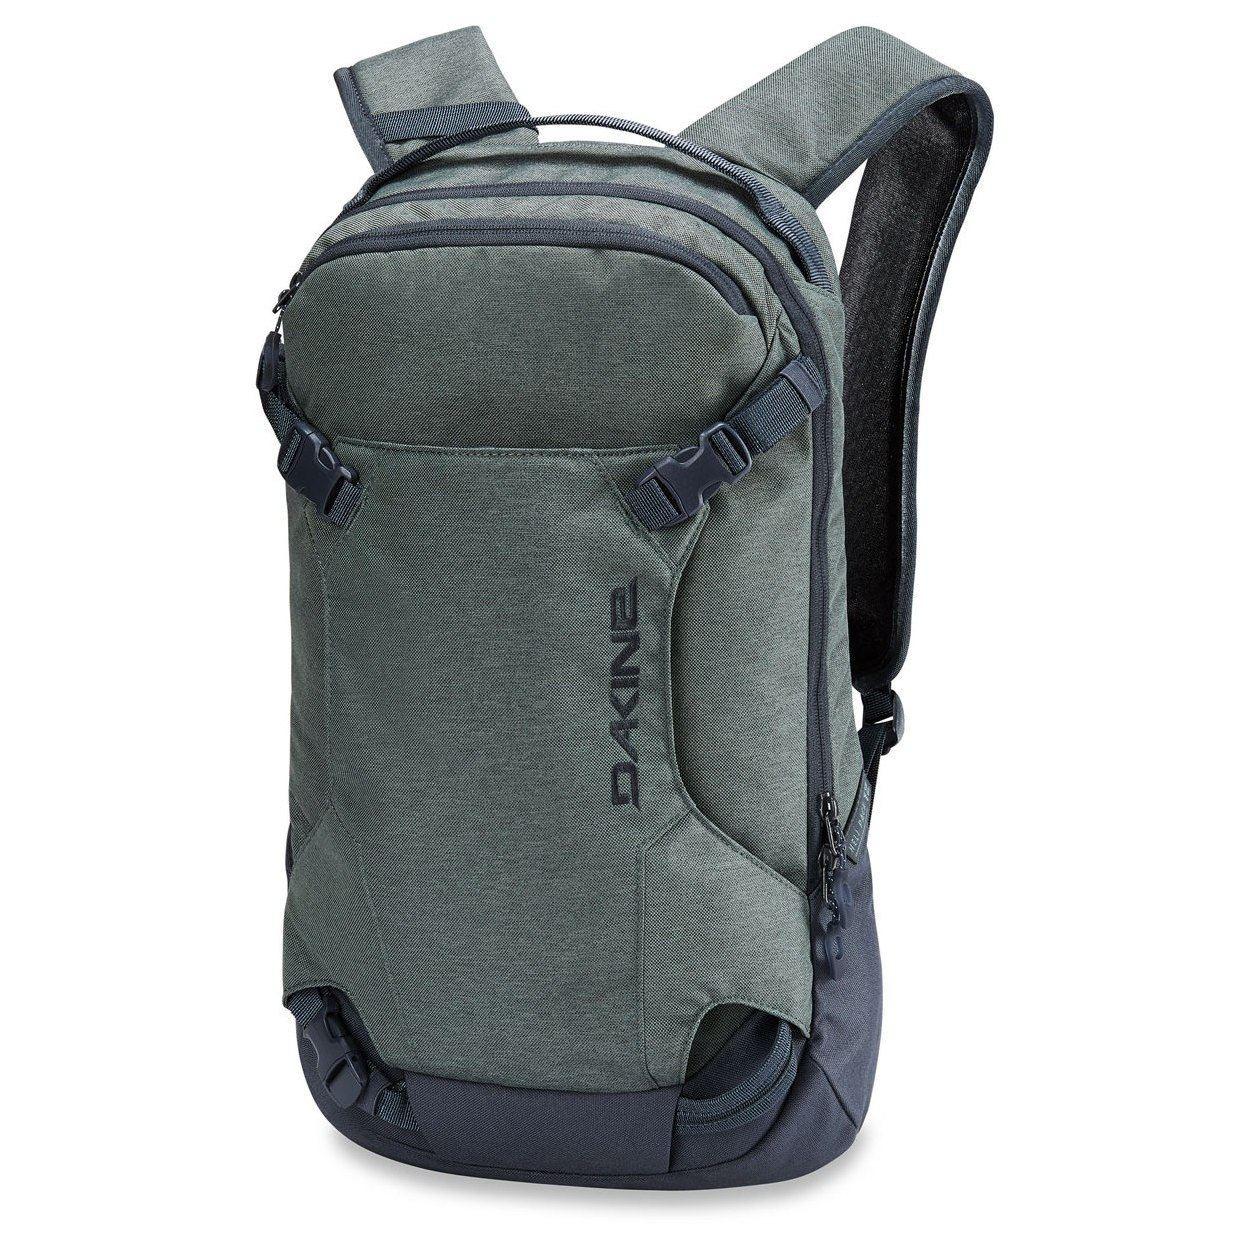 e23c278dafcf Dakine Heli Pack 12L Backpack on Sale